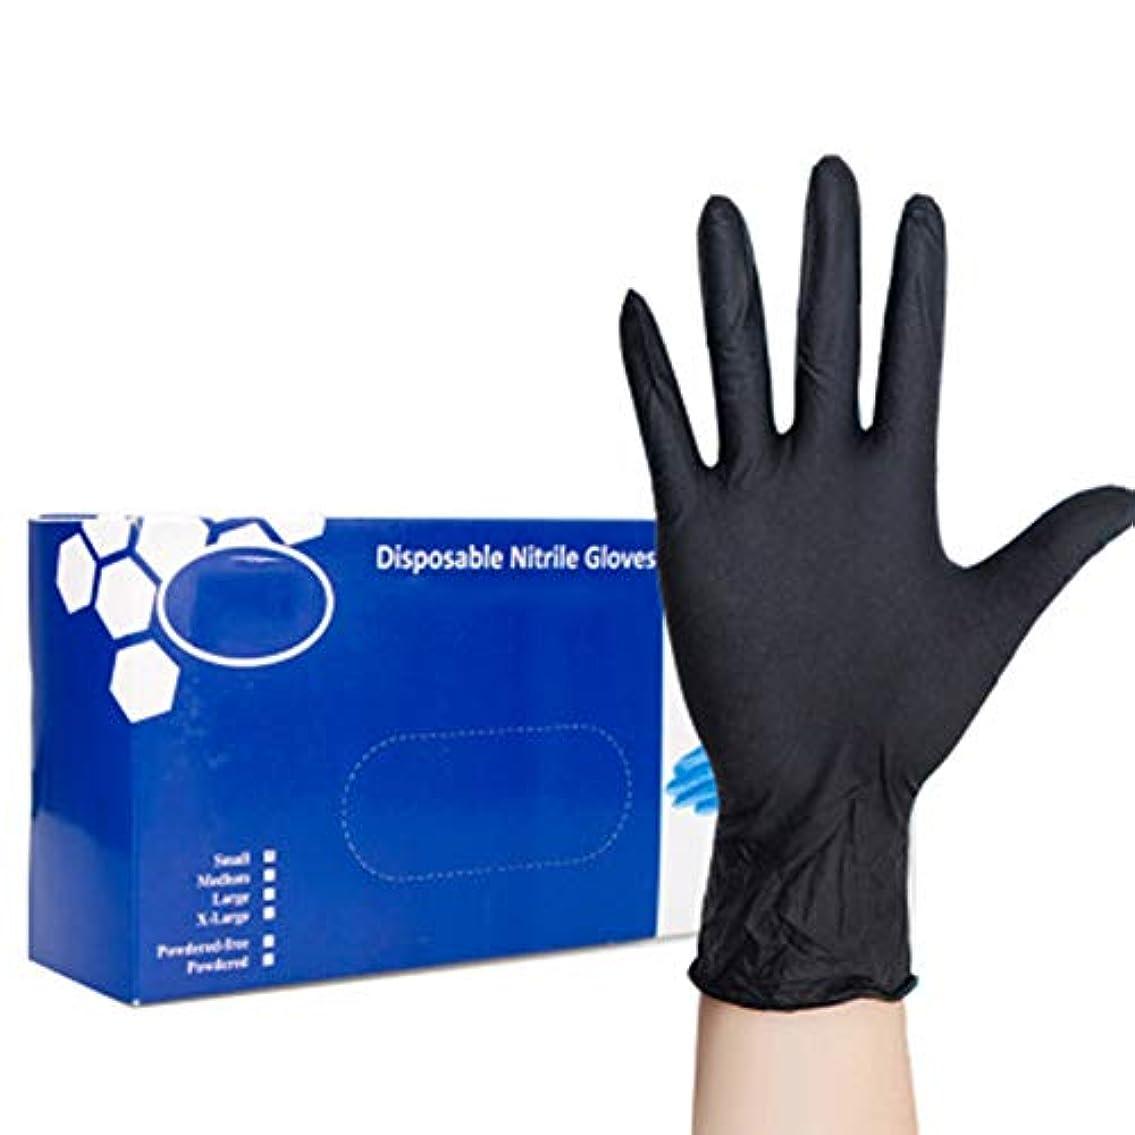 配偶者ダウンタウン血まみれの使い捨てニトリル手袋 滑りにくい 超弾性 多用途 黒 耐摩耗性および耐汚染性の美容サロングローブ(1箱100個)